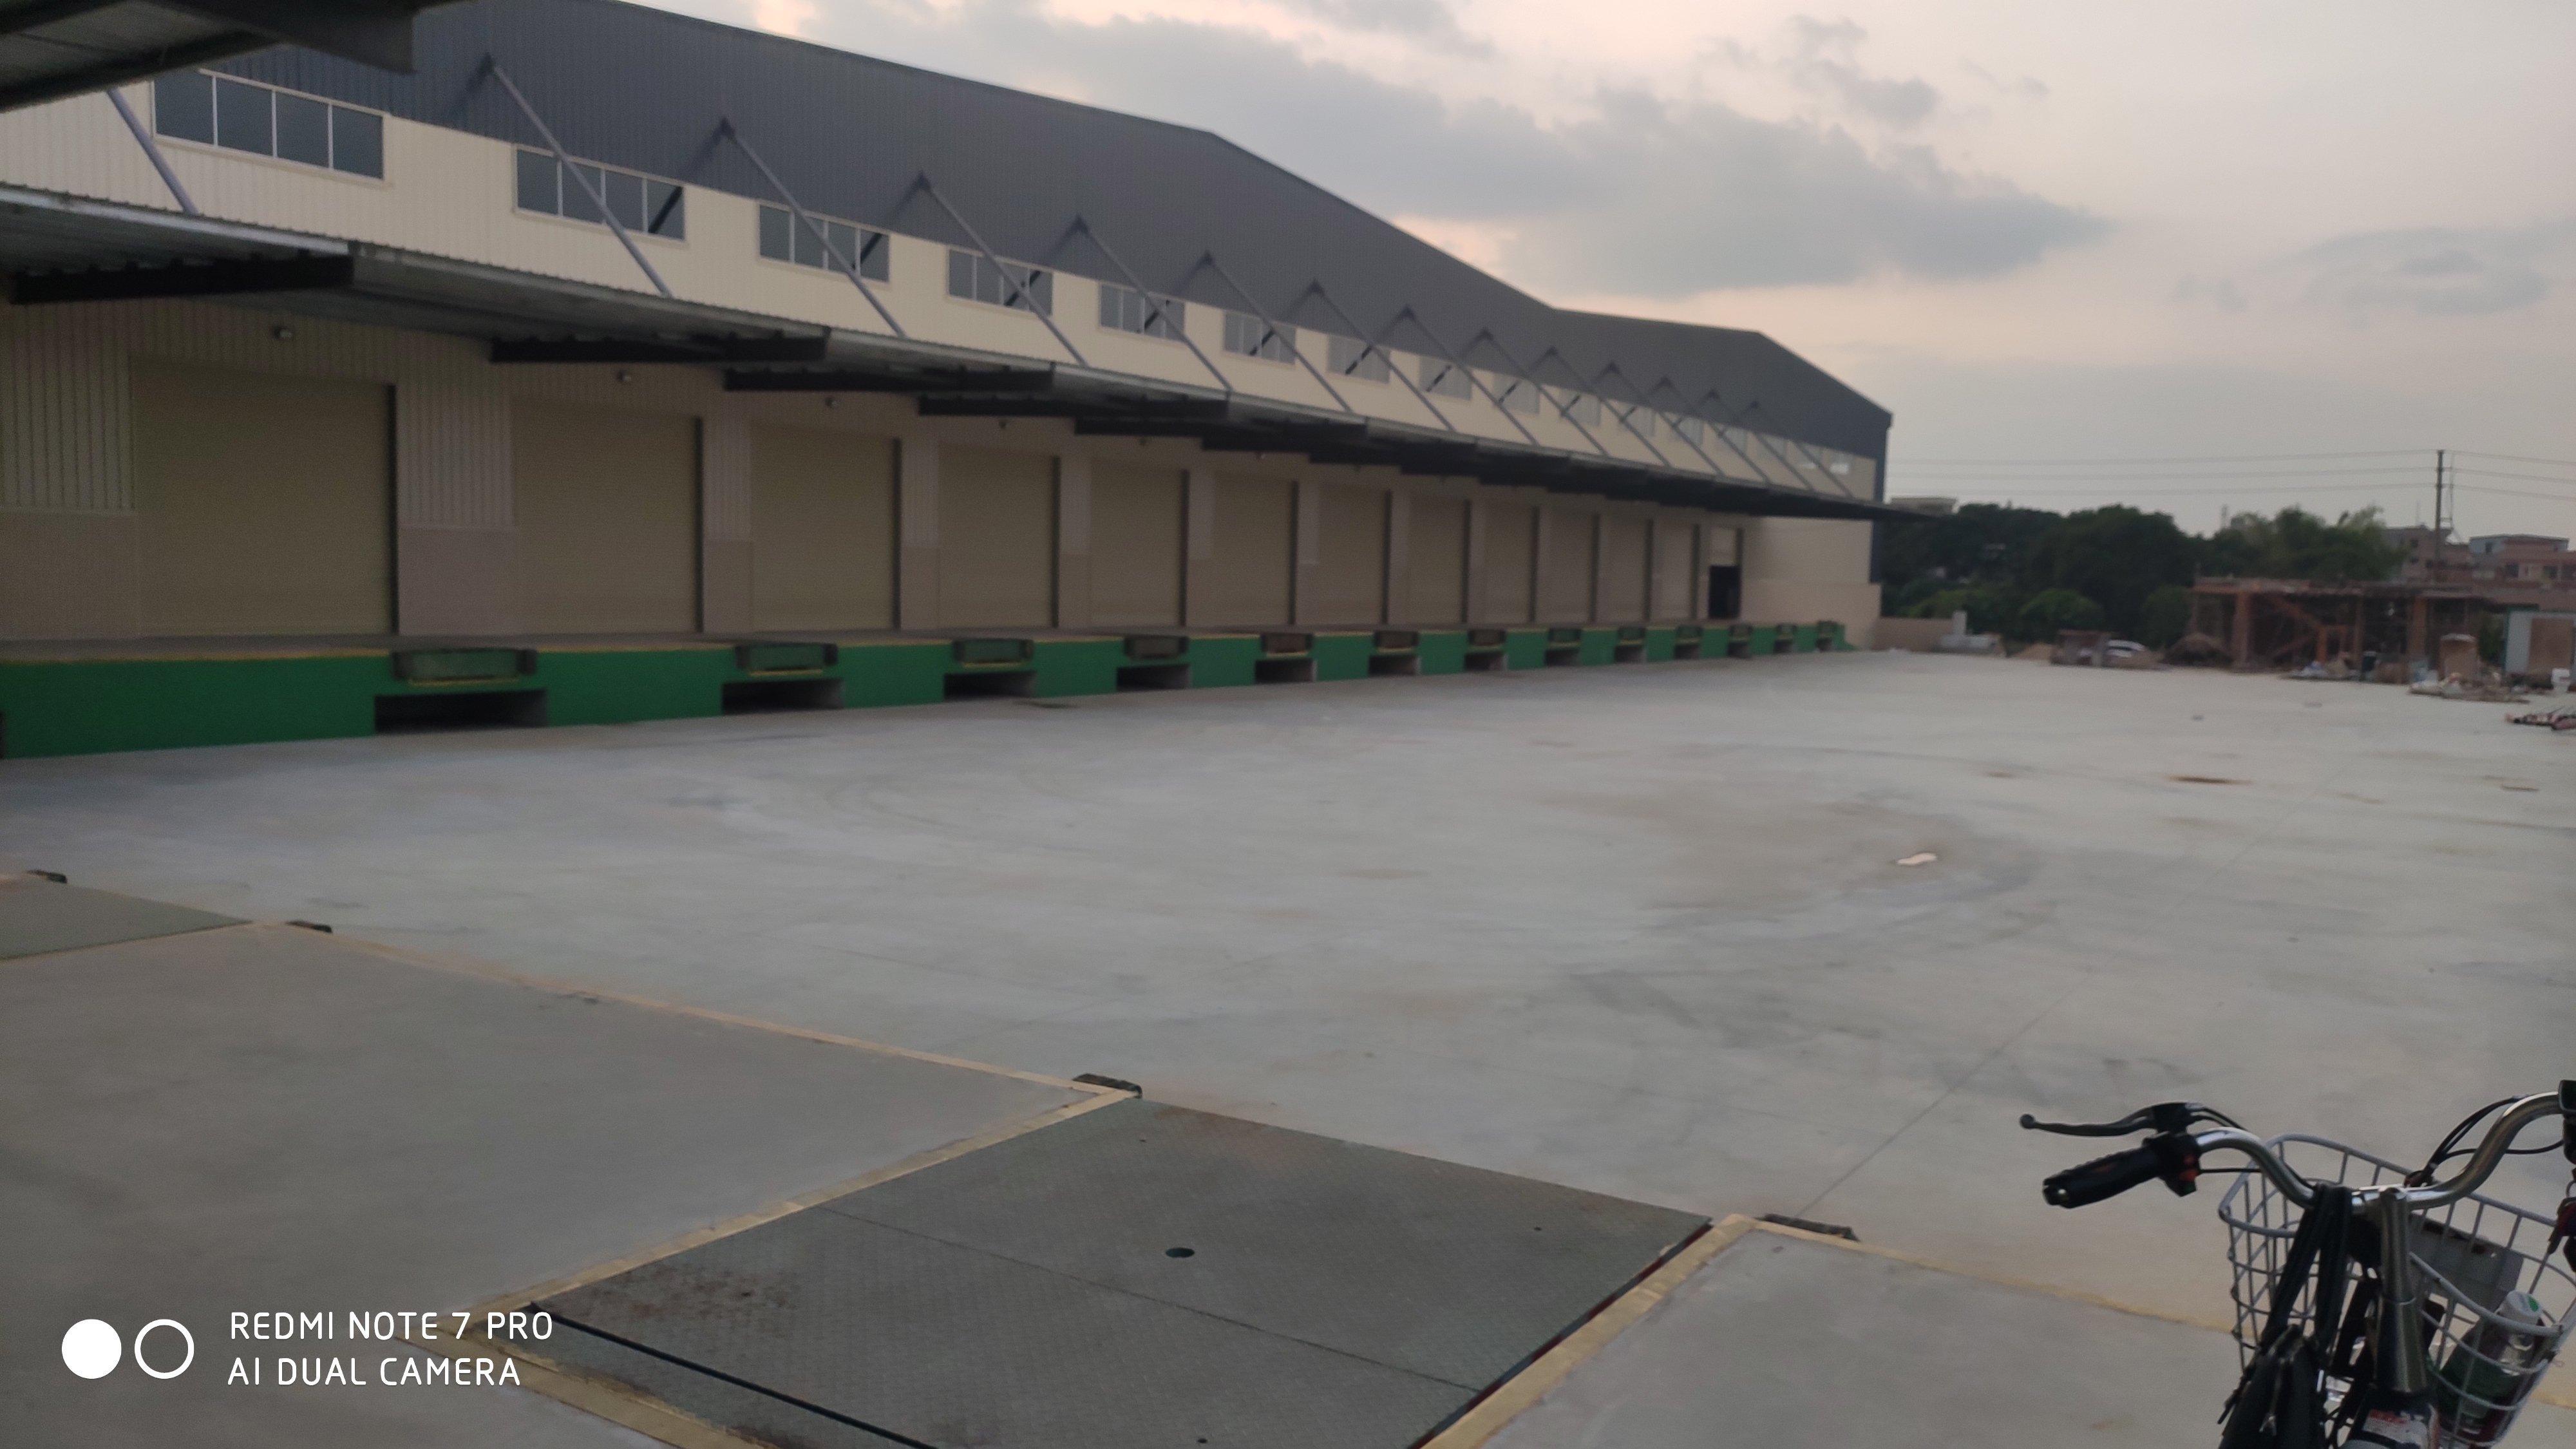 寮步镇新出物流仓库17500平方12米高原房东